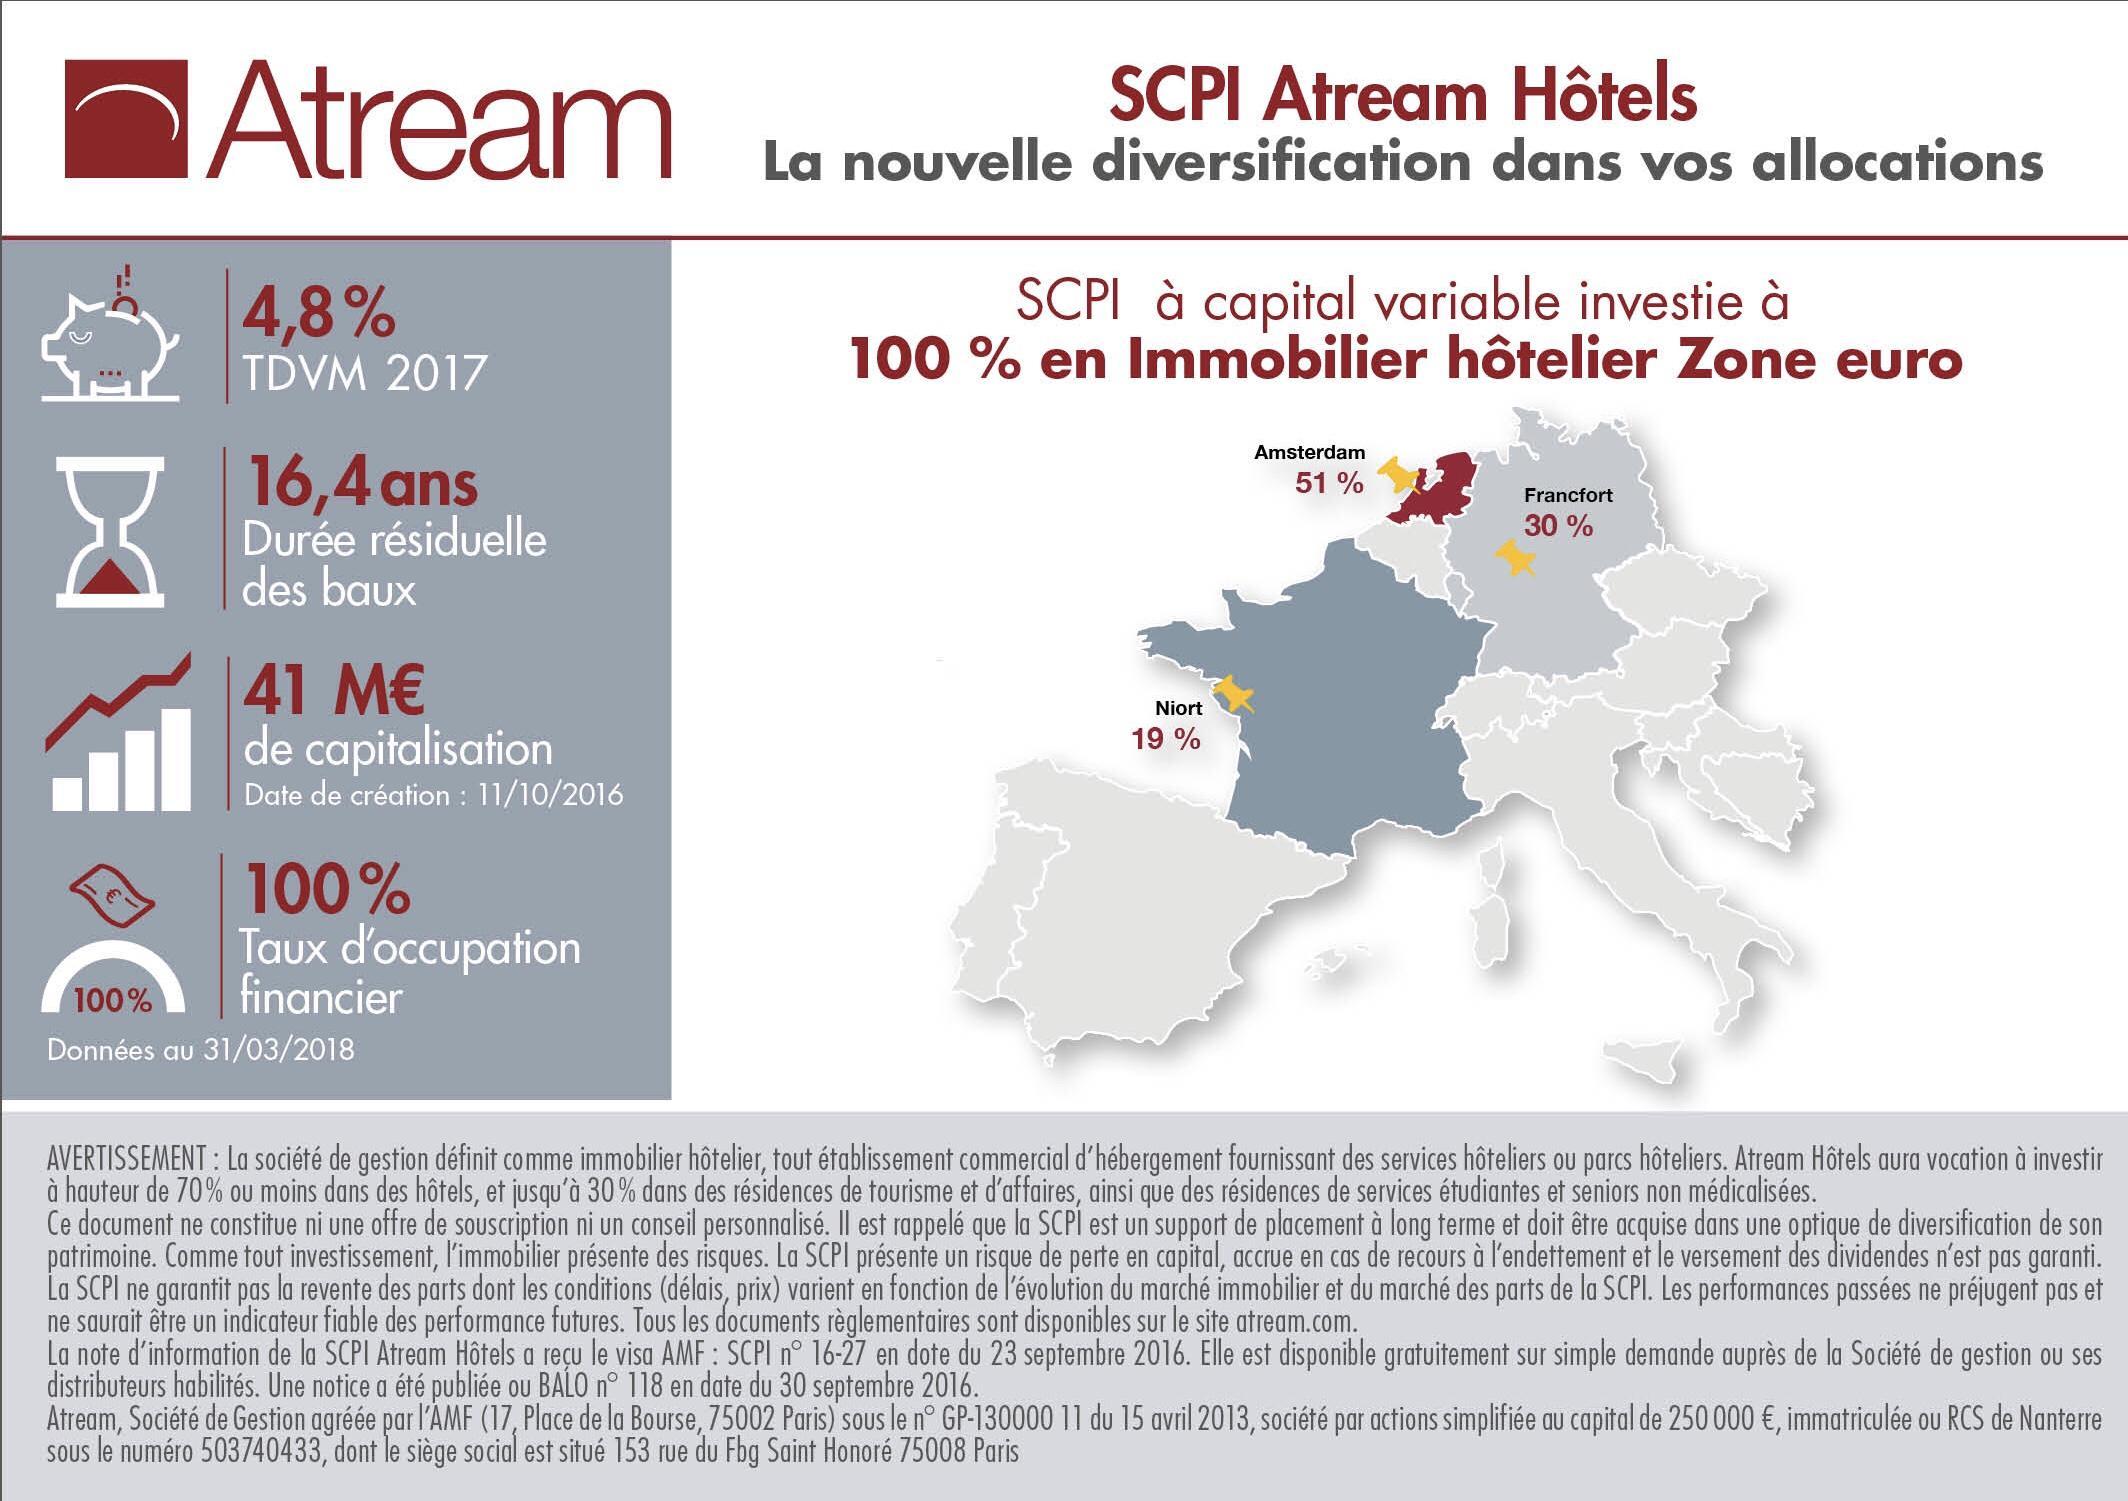 La solution d'Investissement Immobilier hôtelier en zône euro